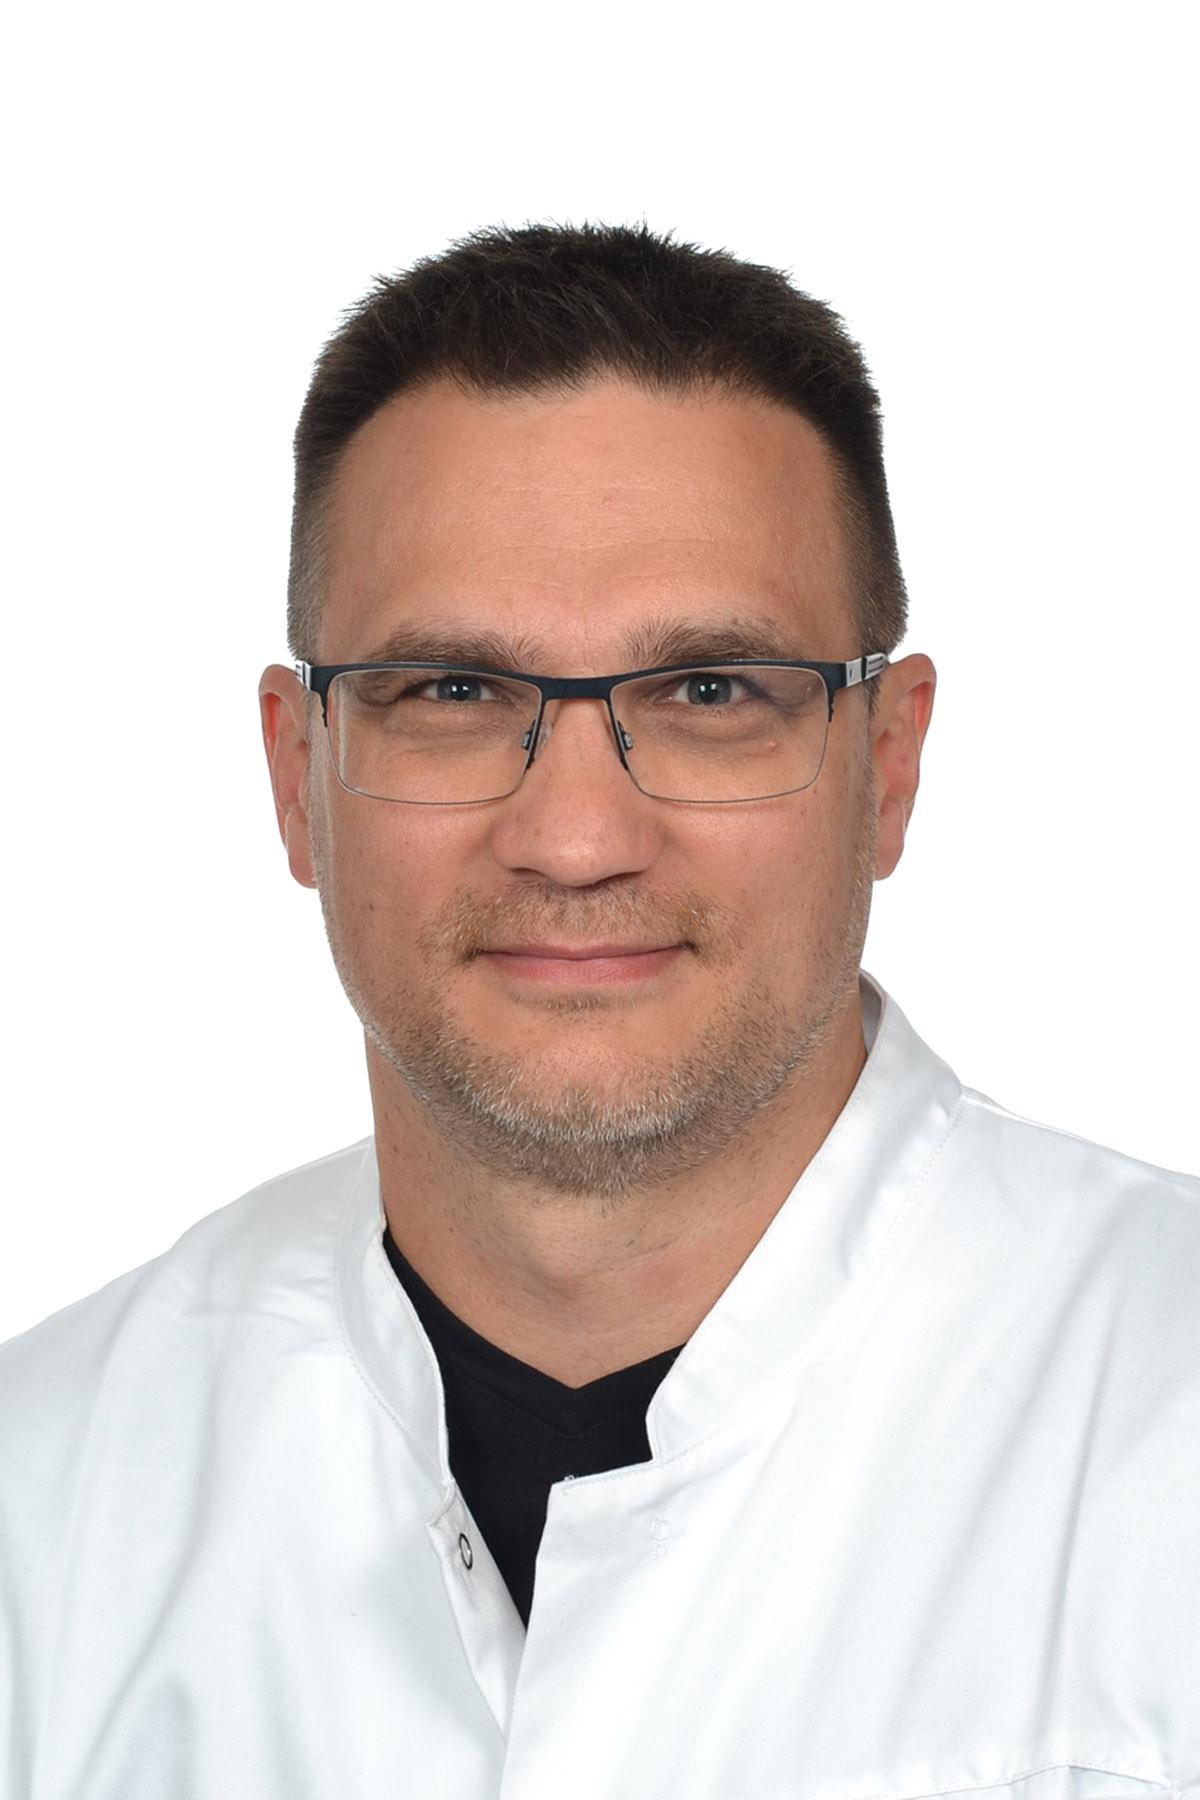 Hammaslääkäri Kankaanpää